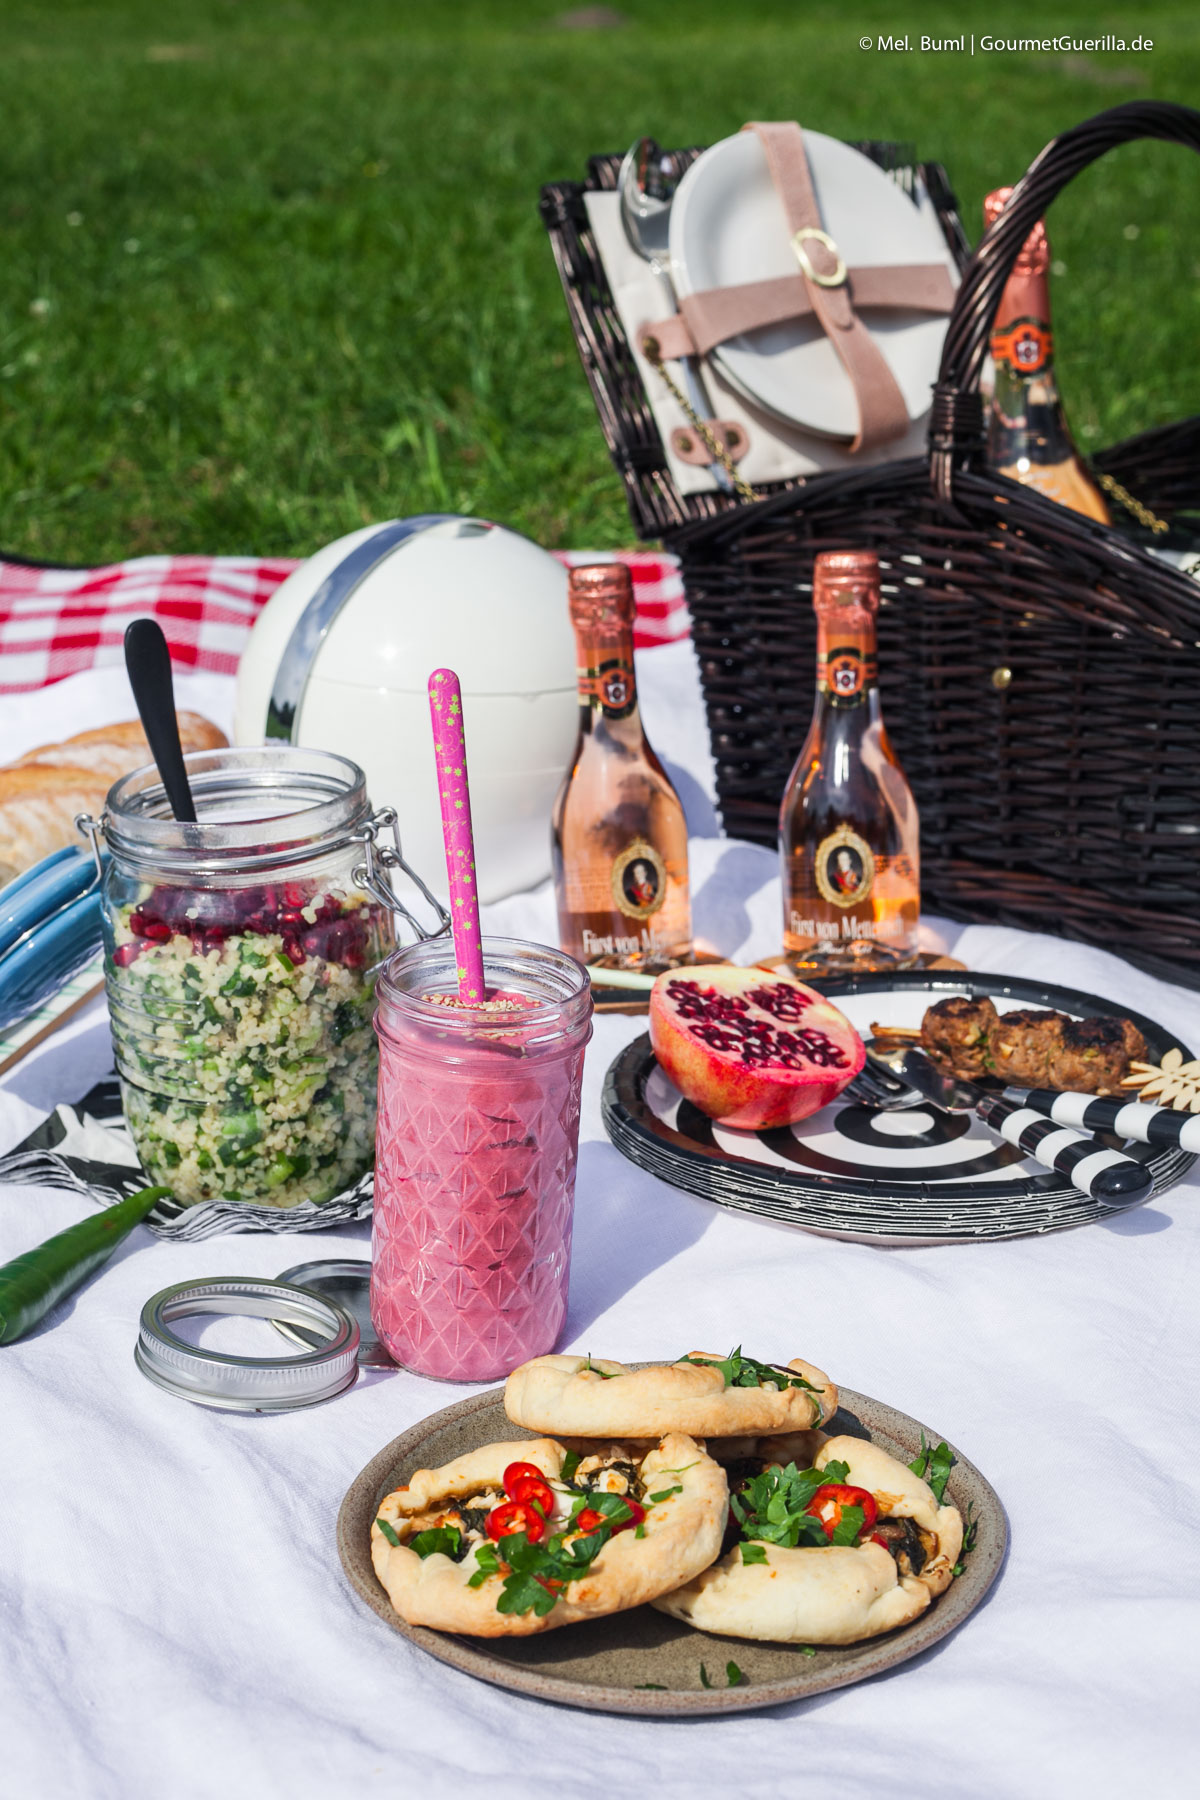 Mini-Galettes mit Spinat und Feta - Ein Picknick für zwei mit vier leckeren Rezeptideen |GourmetGuerilla.de